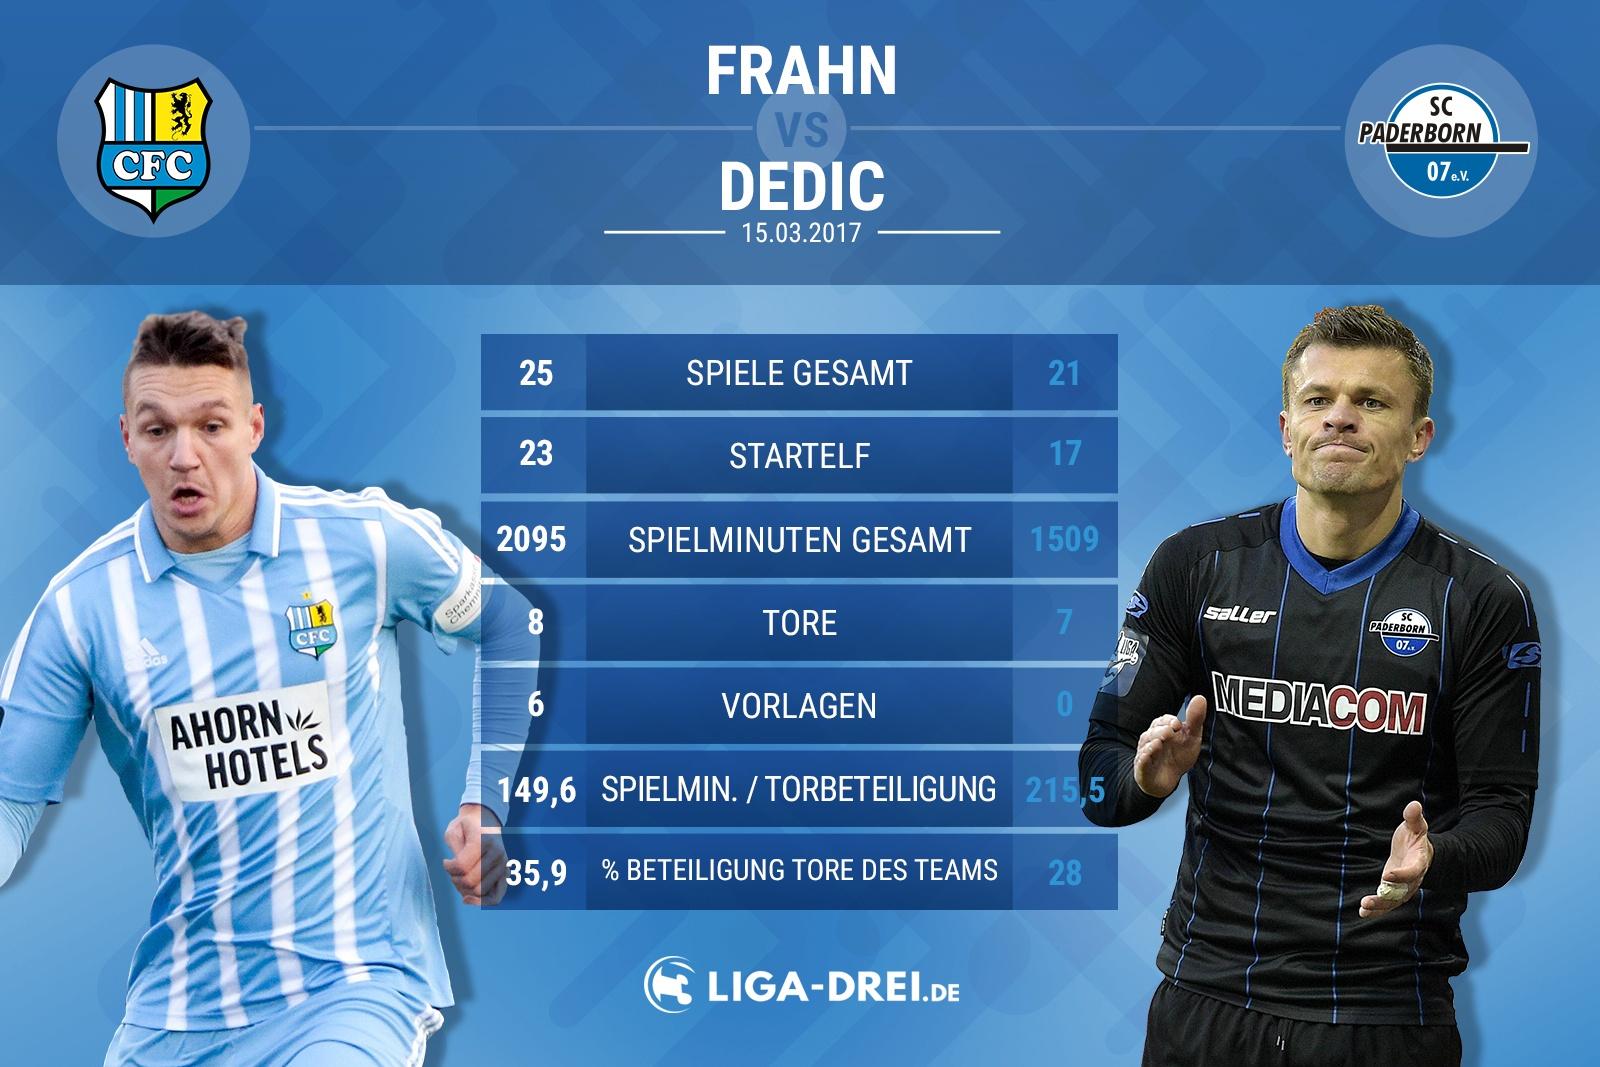 Spielervergleich von Frahn & Dedic